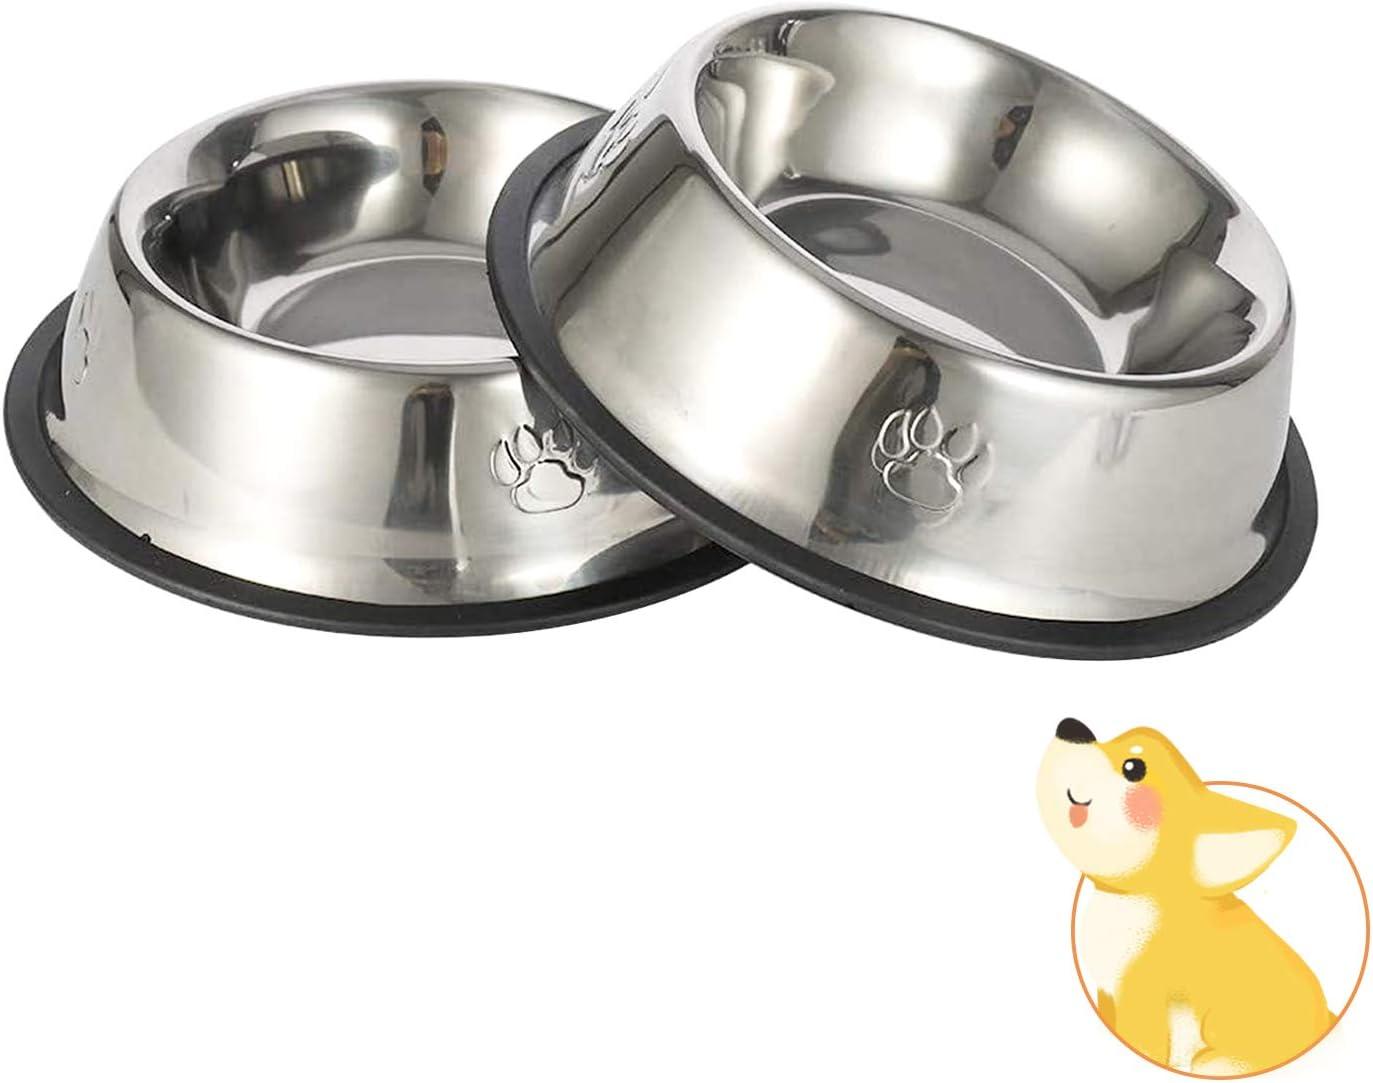 JINYJIA Comedero para Perro de Acero Inoxidable, Comedero y Bebedero Perro Antideslizante, Platos Gatos Mascotas, para Mascotas Pequeñas y Medianas(2 Unidades, 22cm)